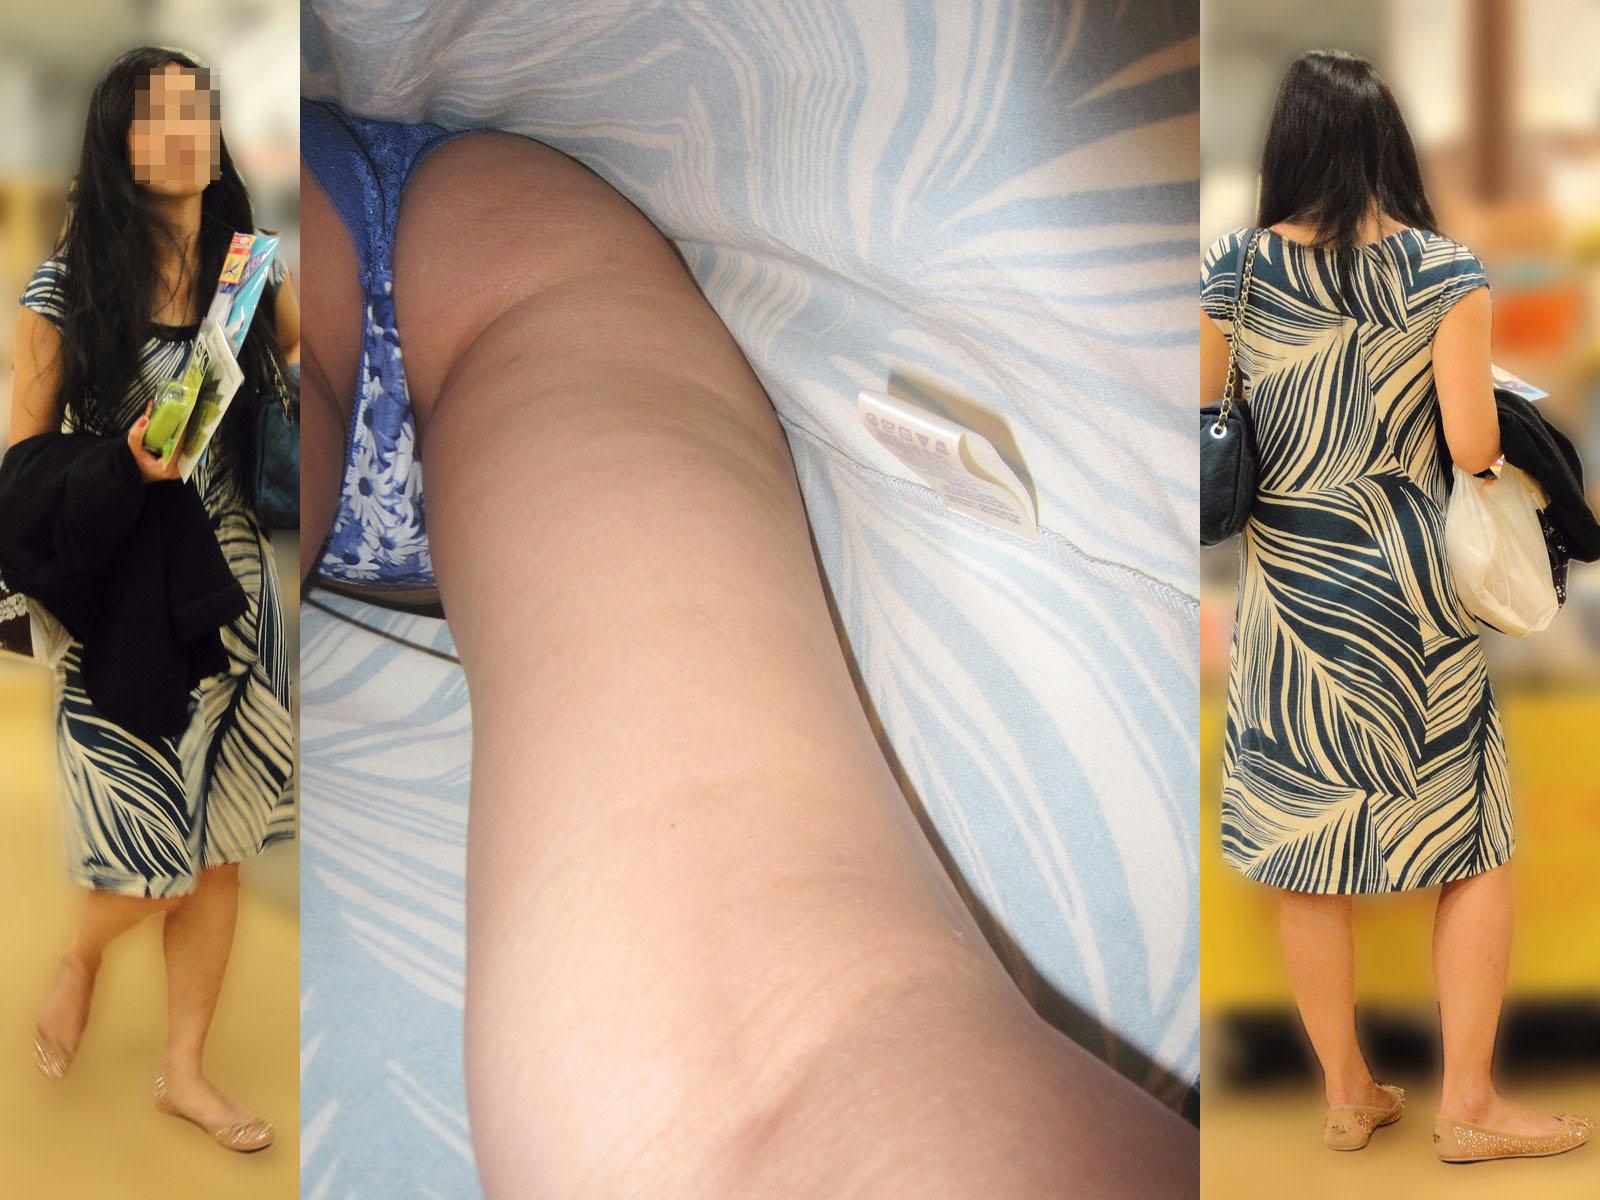 【パンチラ画像】確実にスカート内部を見た!プロの逆さ撮りパンチラ(;・∀・)